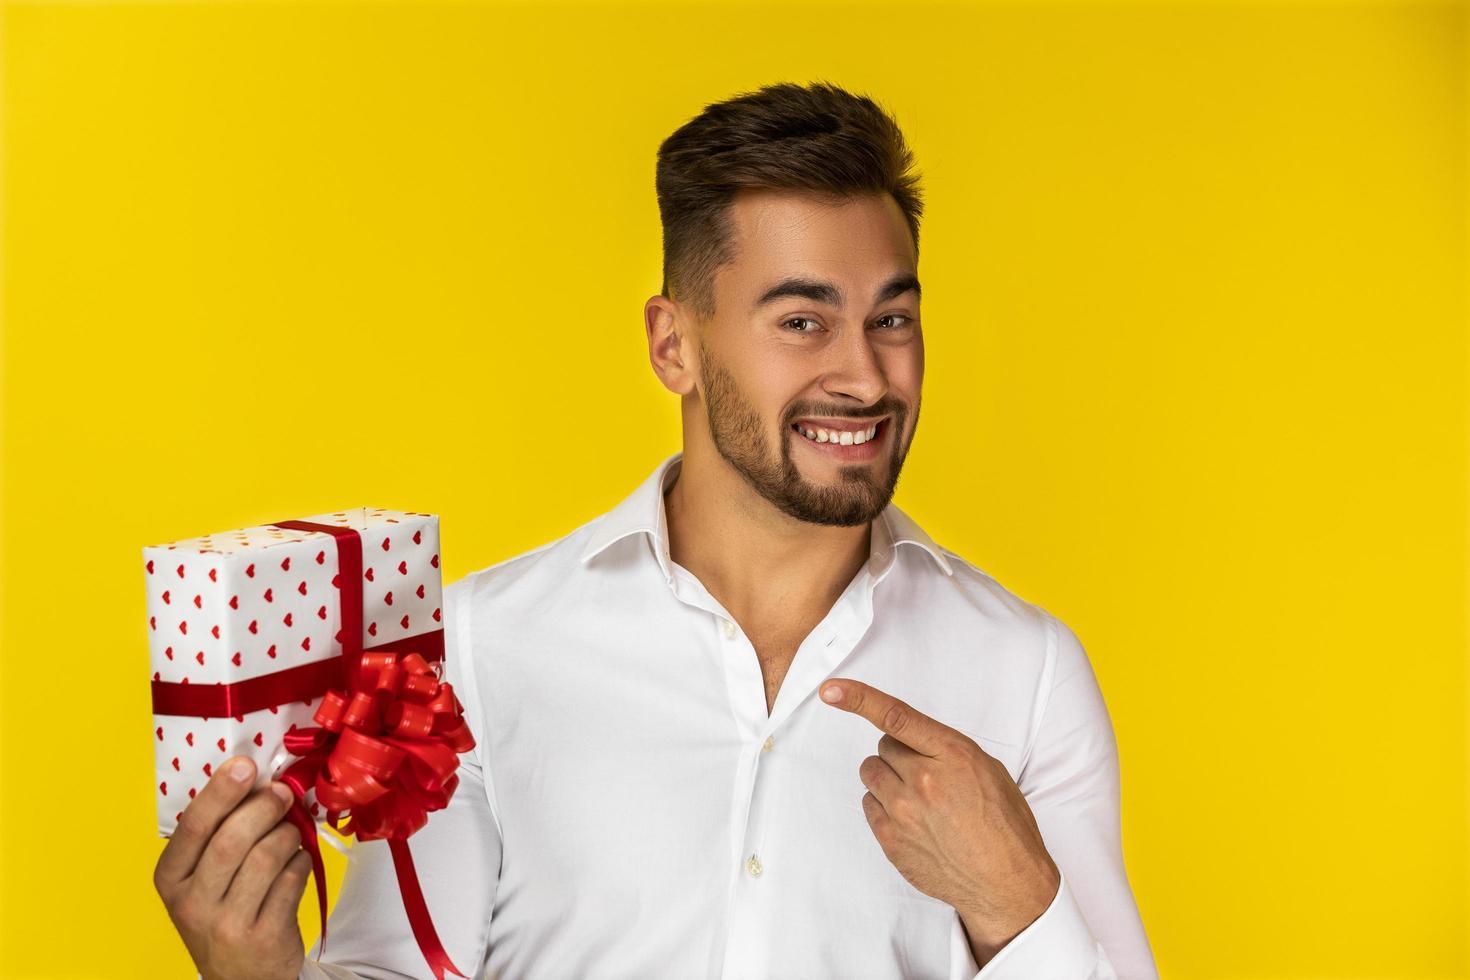 homme tenant un cadeau photo